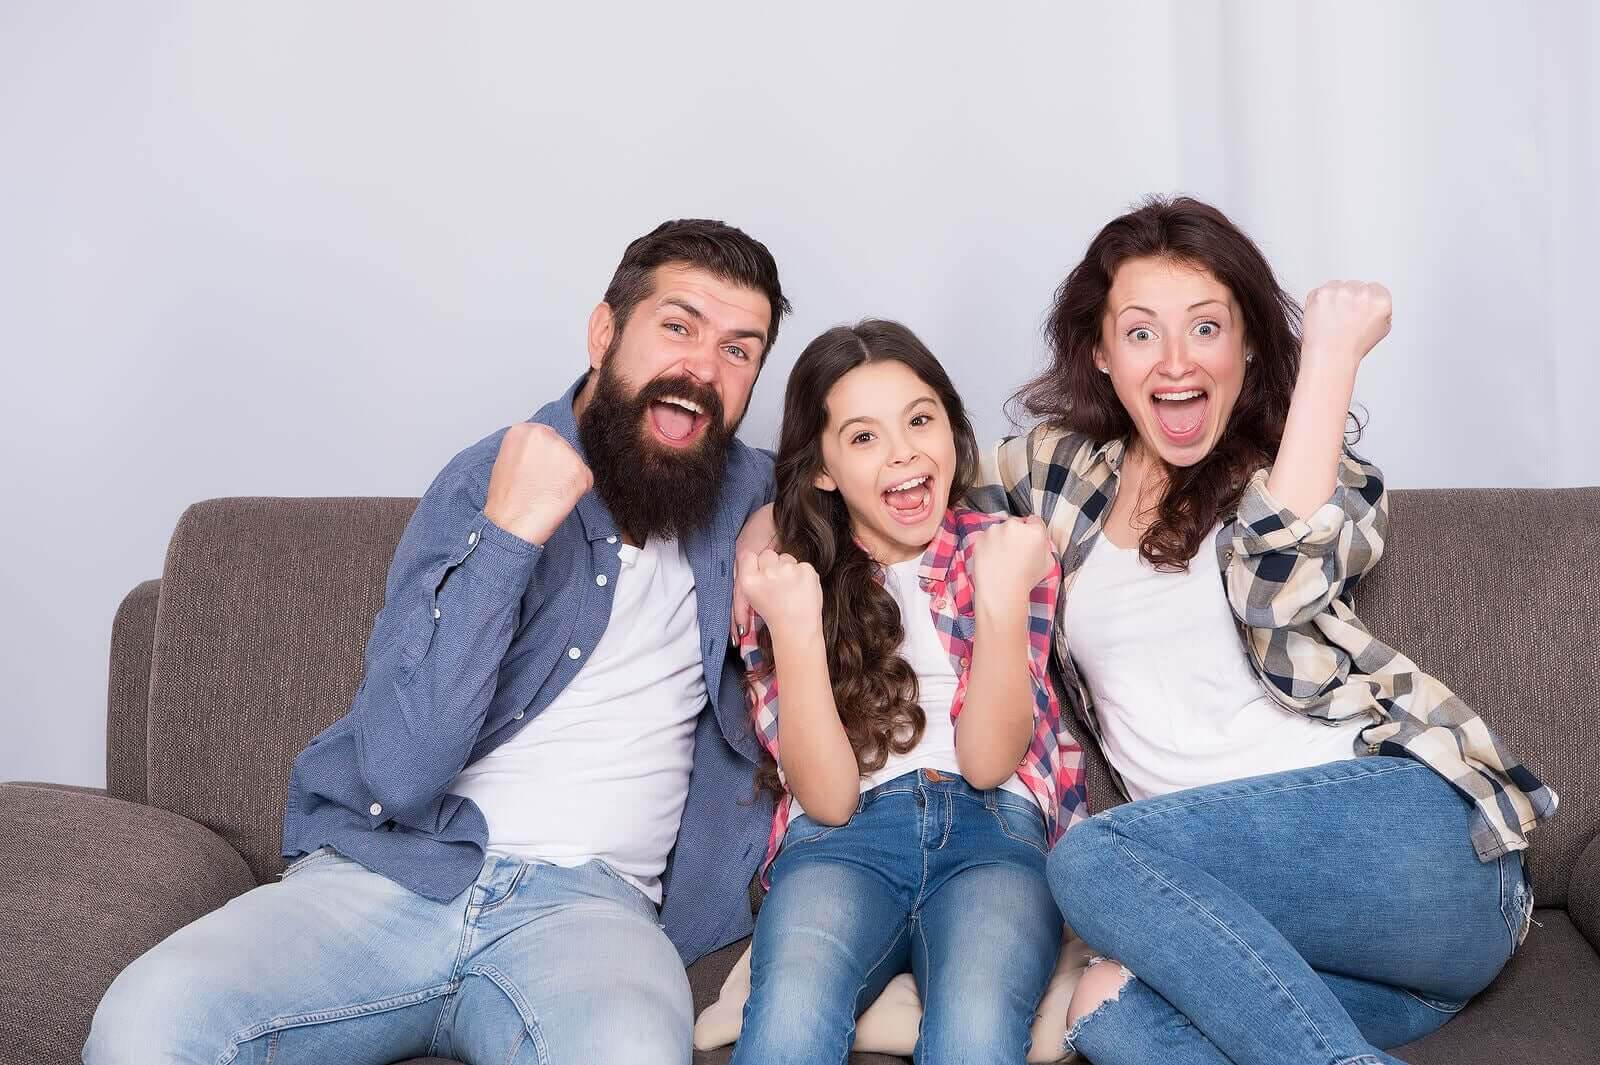 språklig kompetens hemma: glad familj i soffa